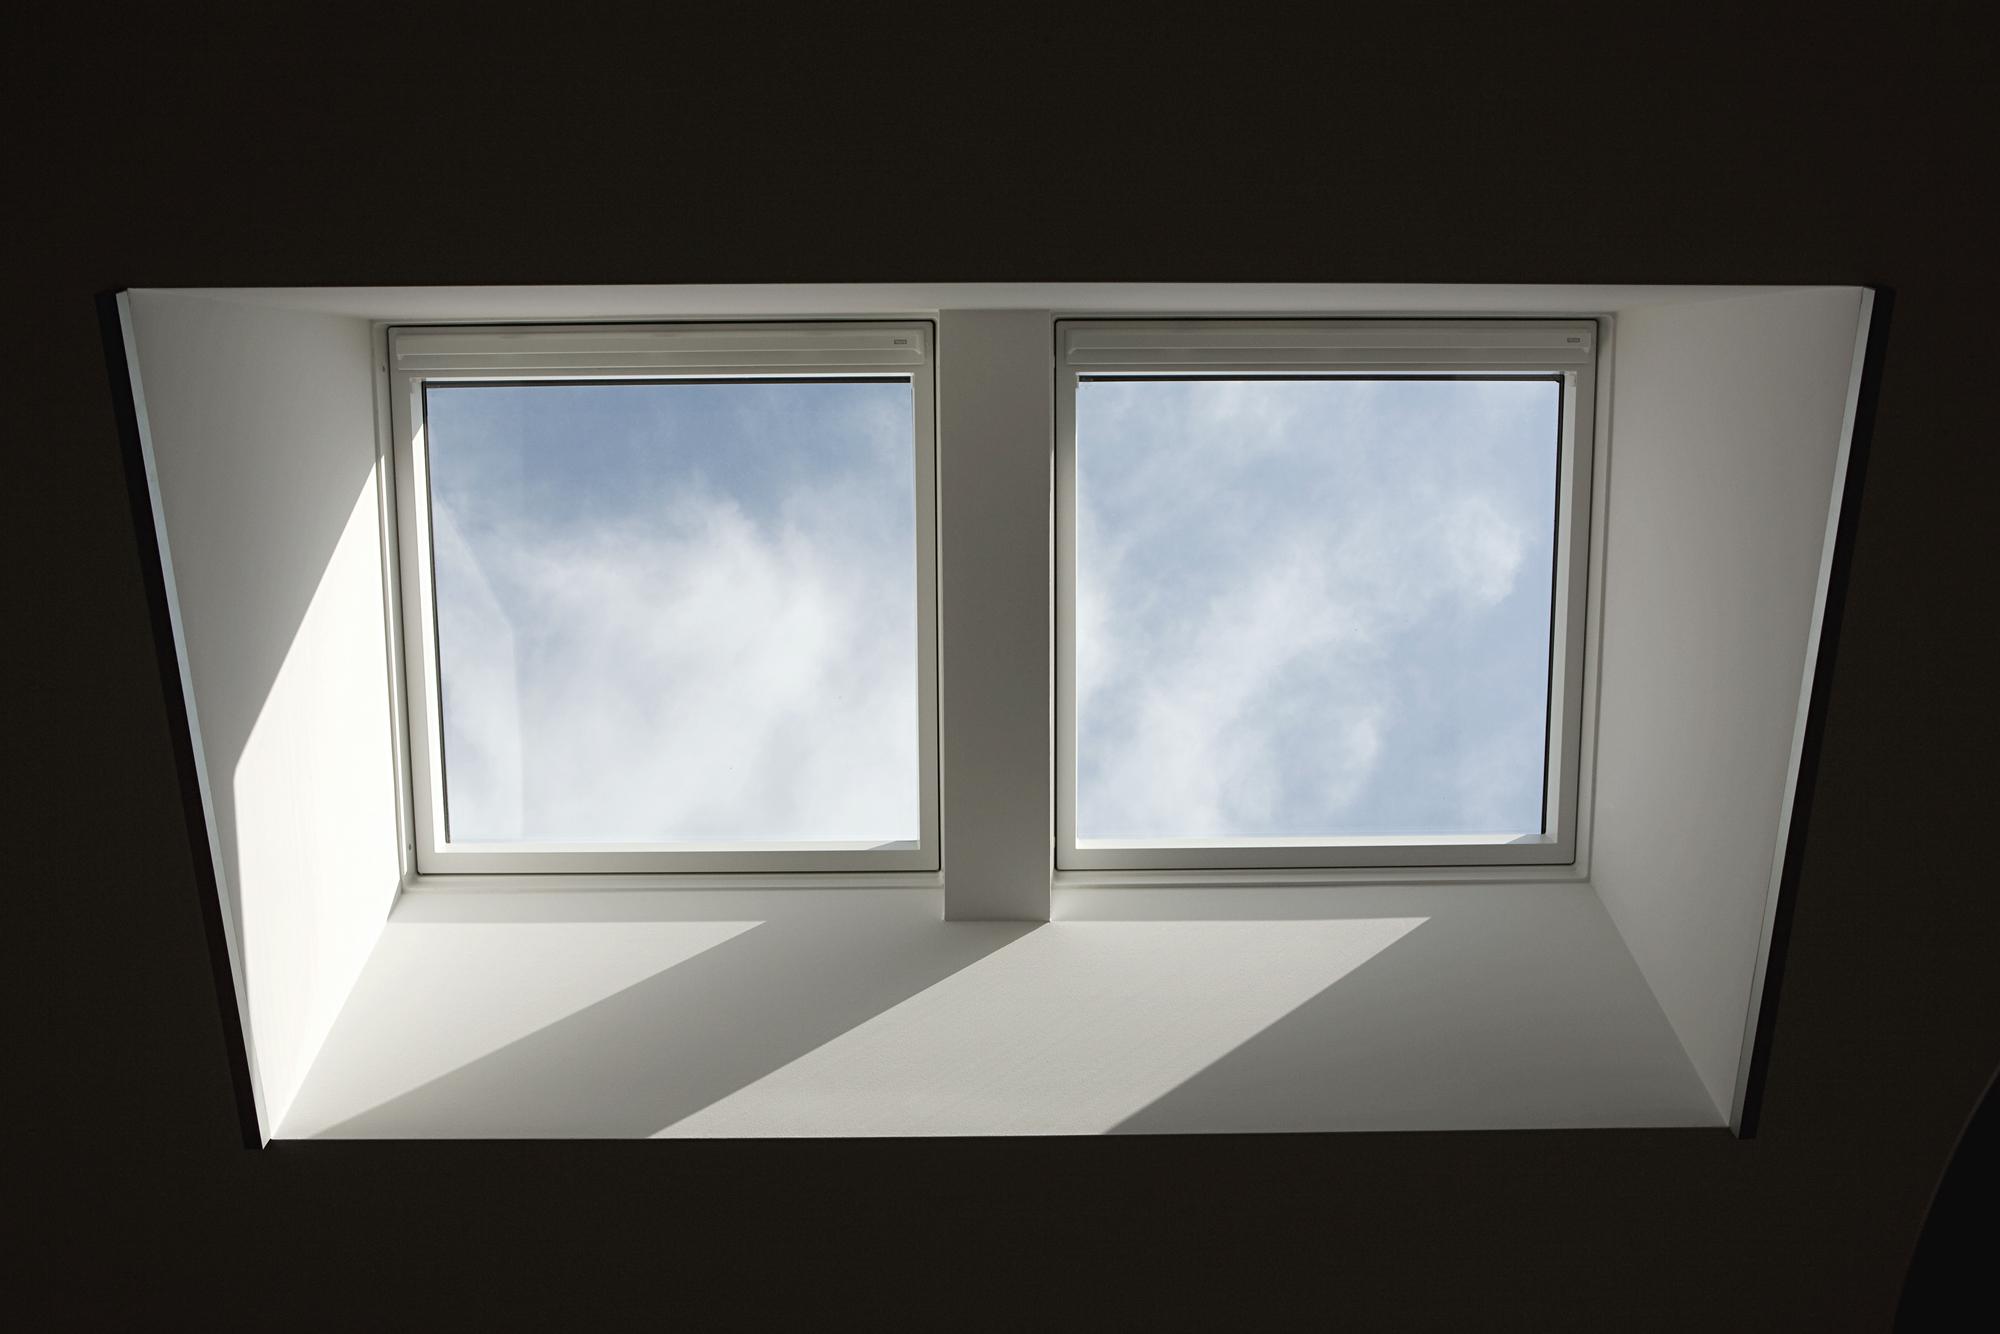 Finestre i requisiti obbligatori - Sostituzione vetri finestre ...